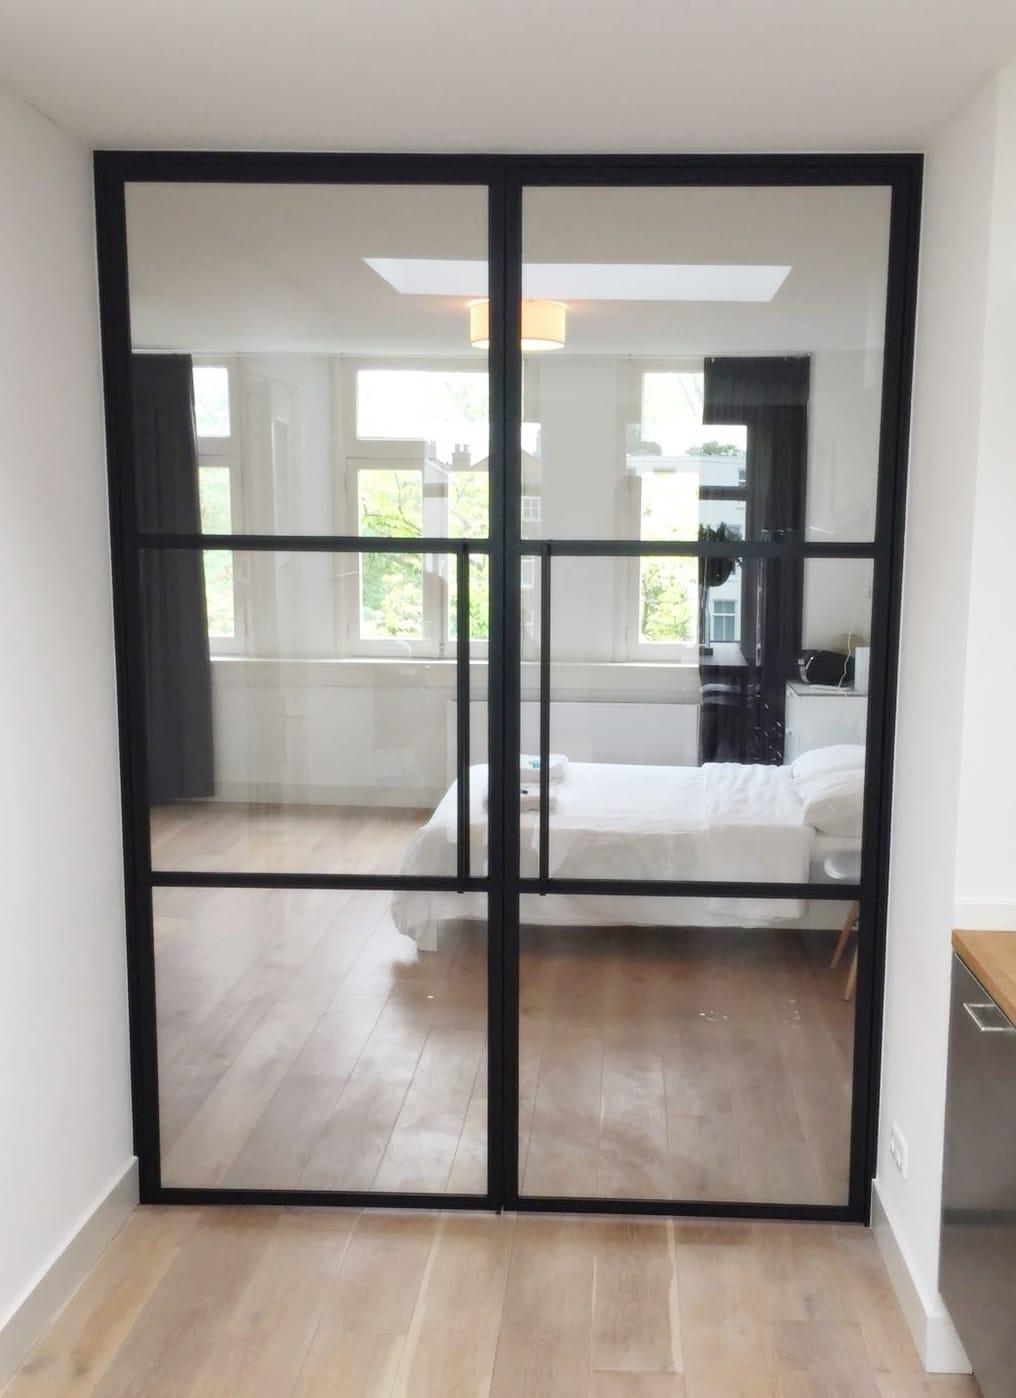 Doppelflügeltür mit glas im Wohnung